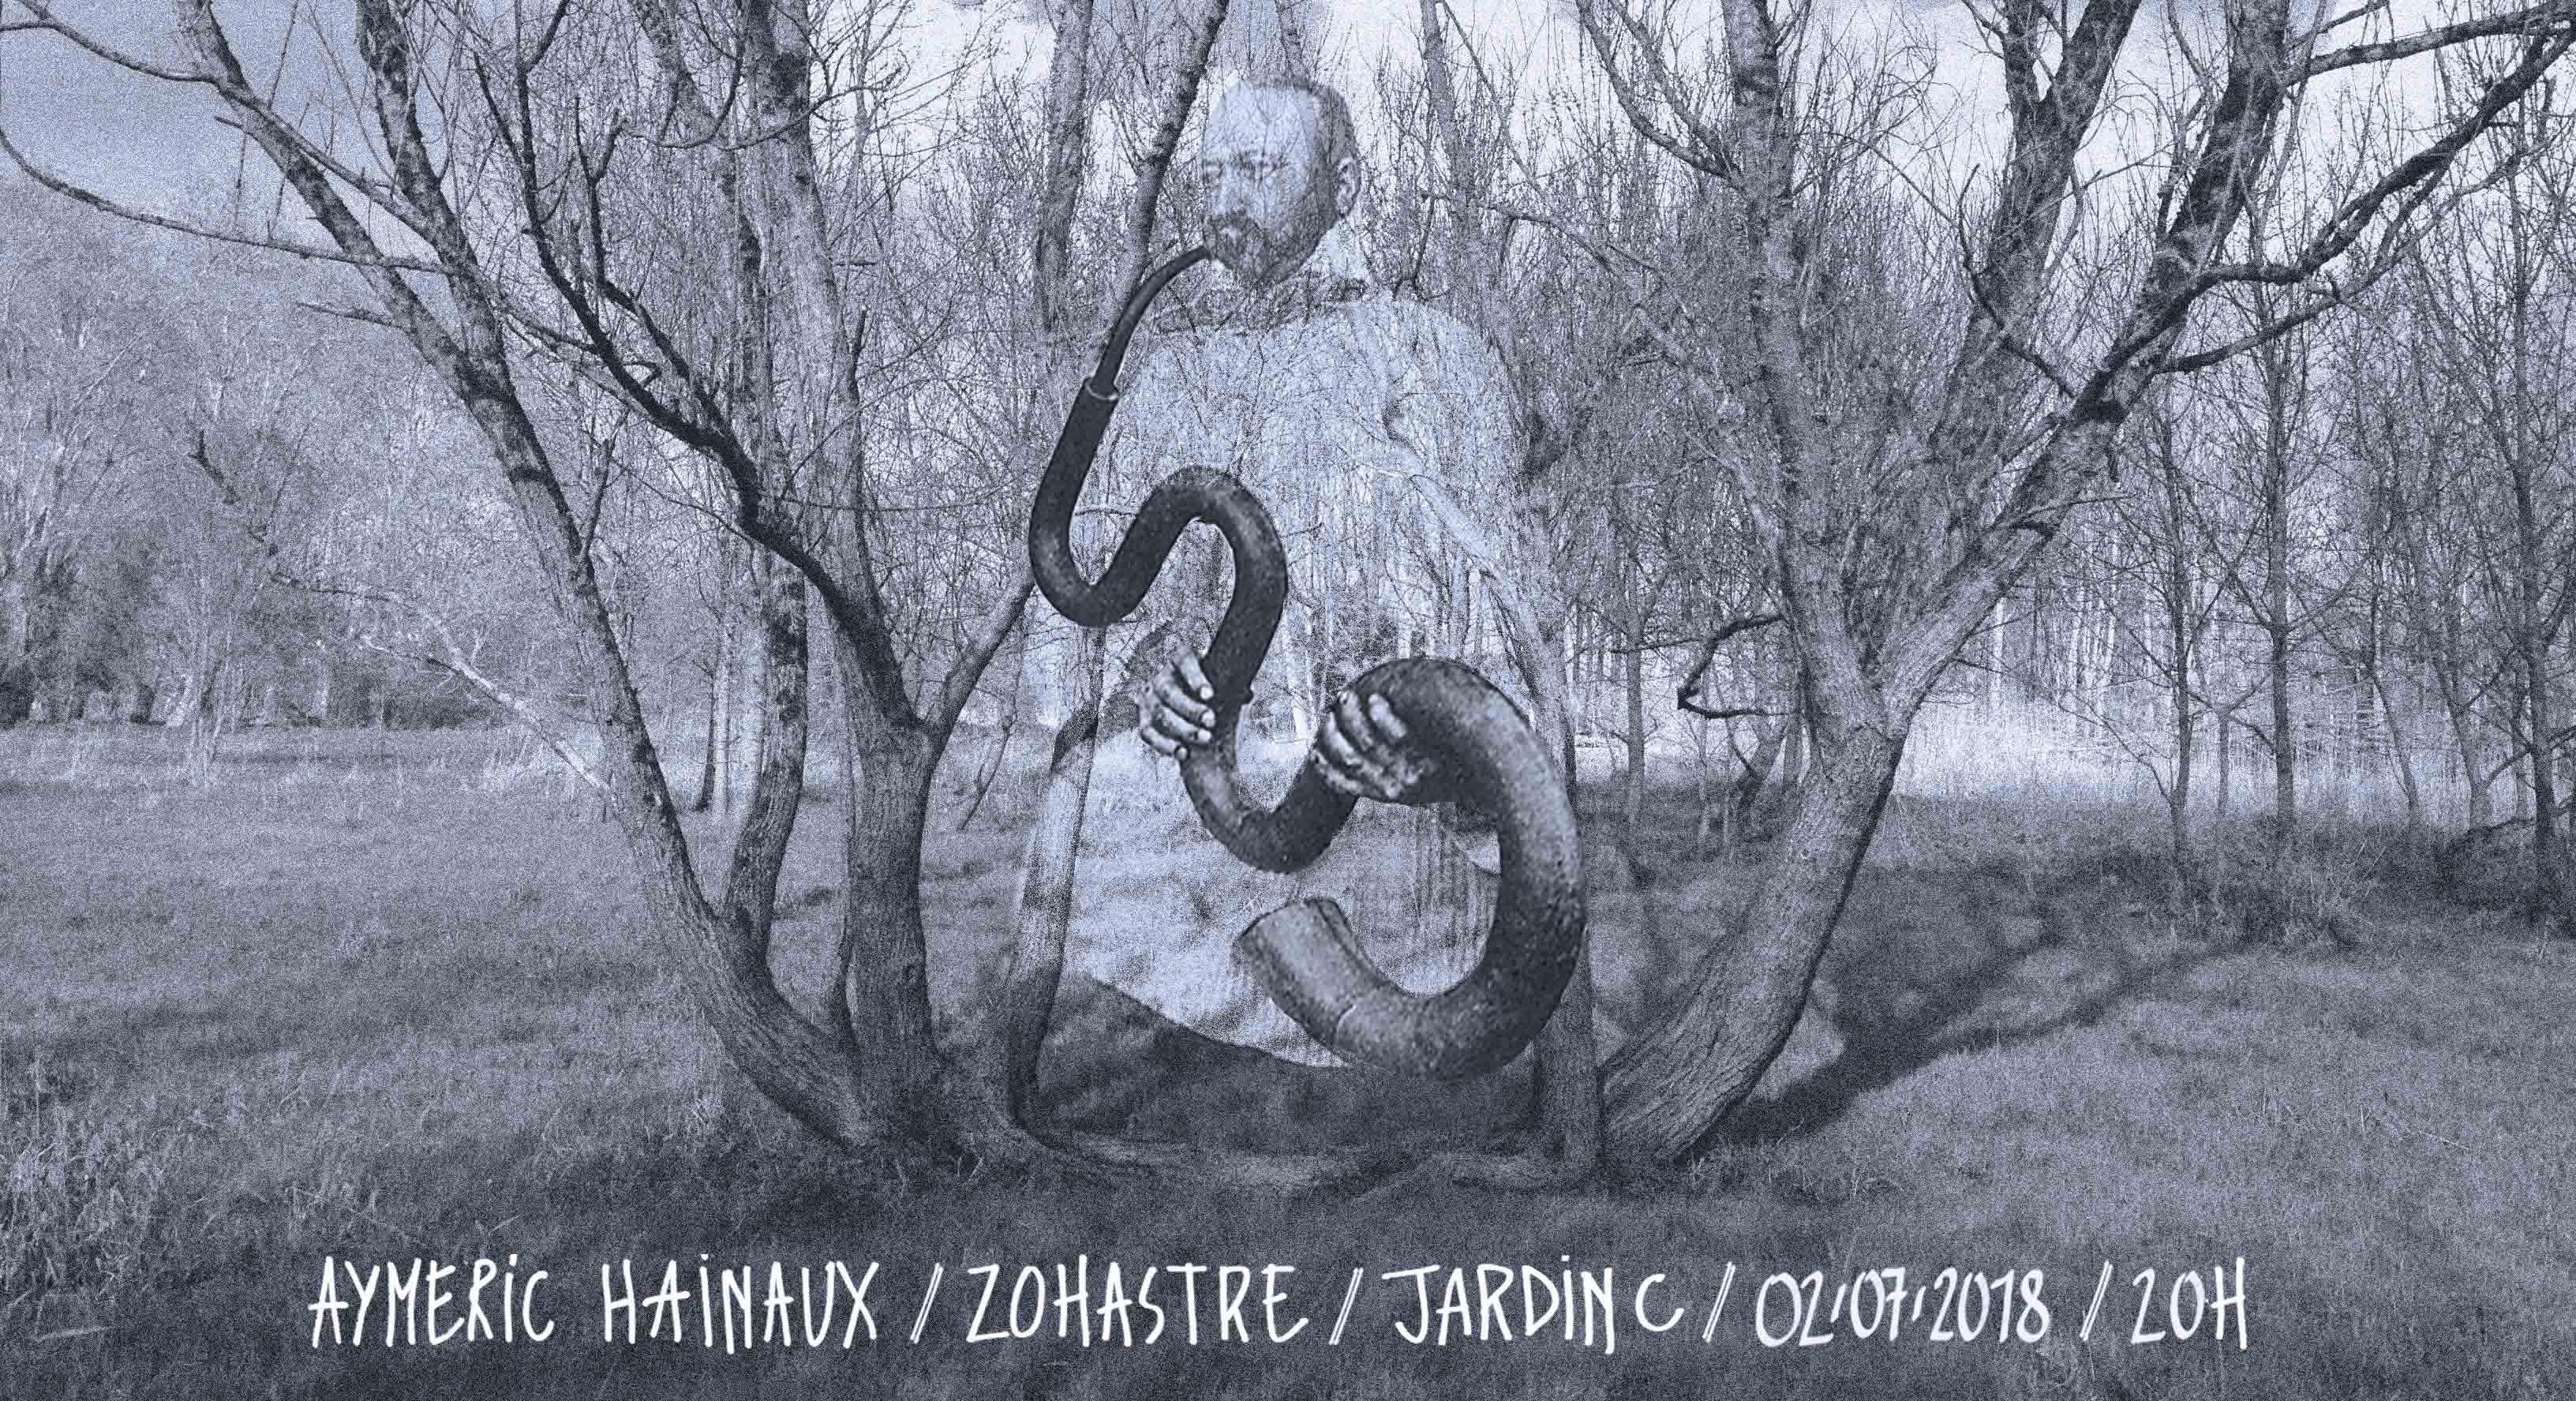 Aymeric Hainaux • Zohastre